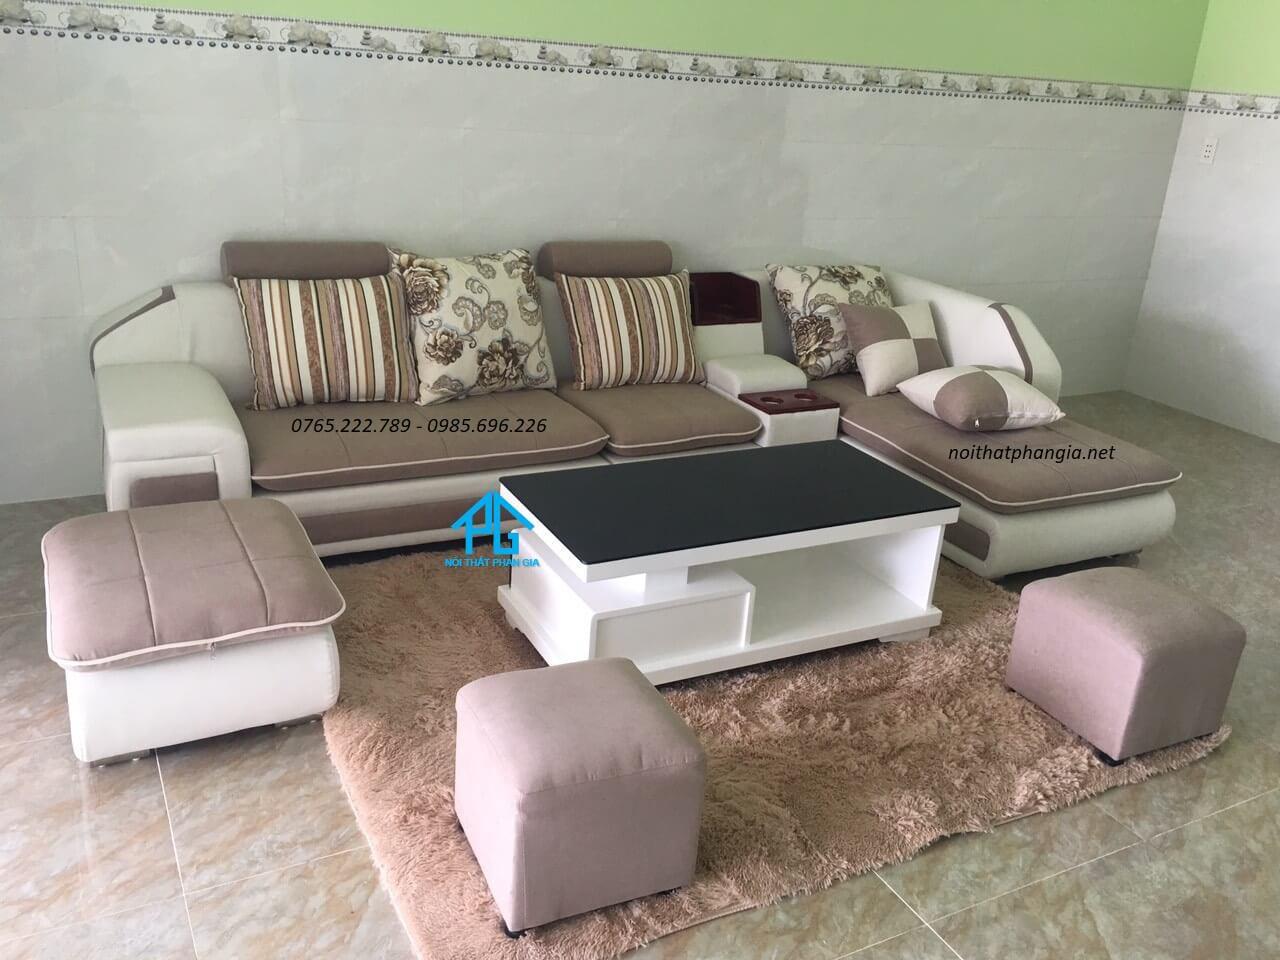 trang trí ghế sofa với gối tựa lưng;